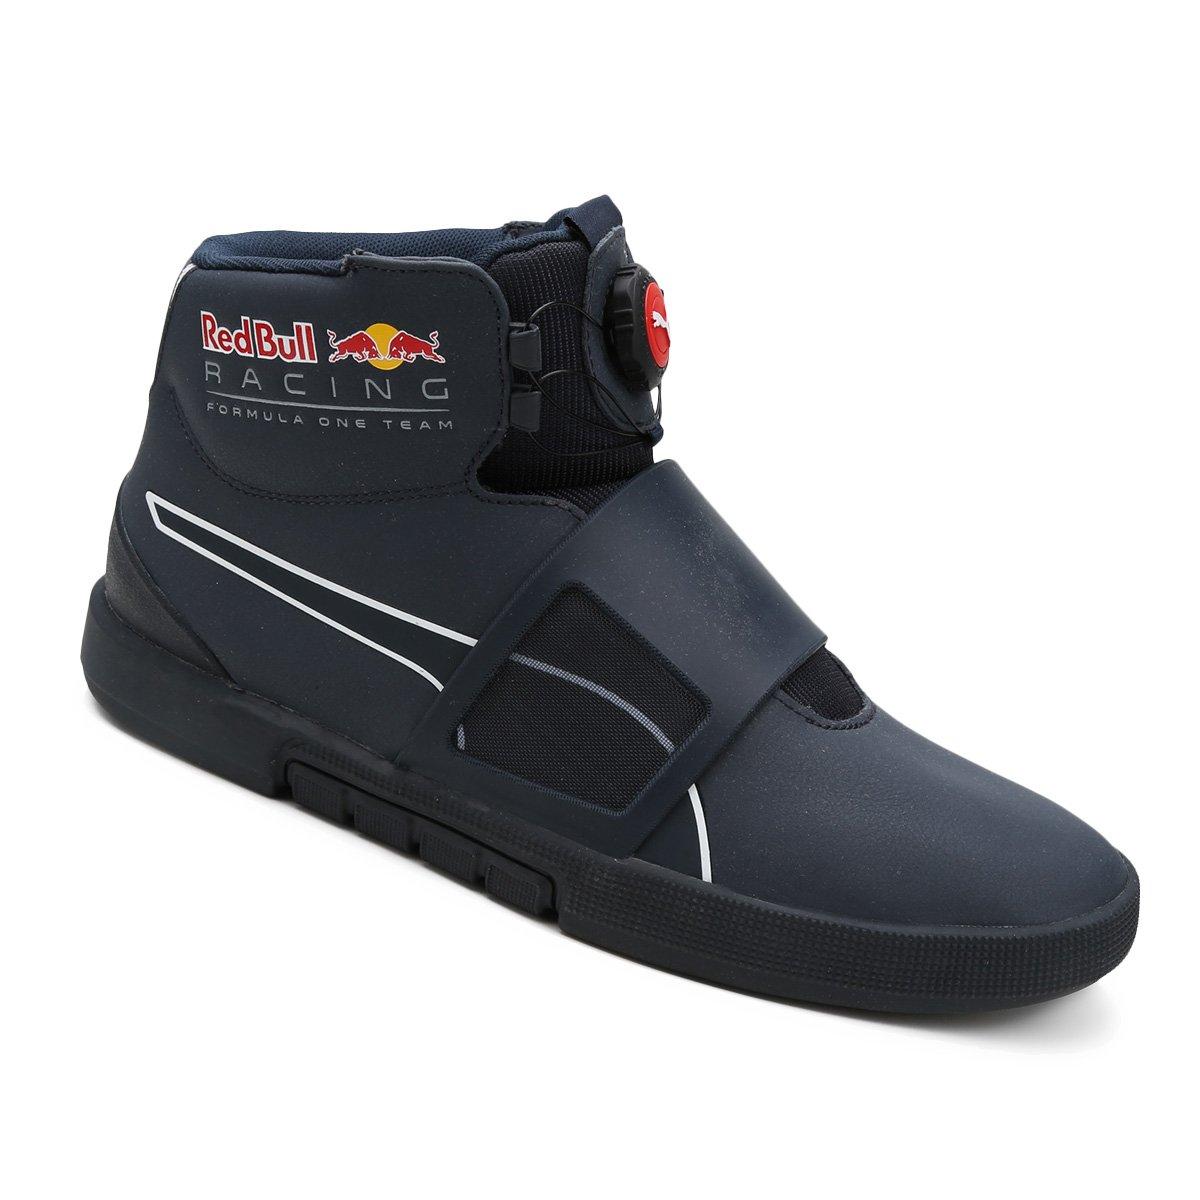 Tênis Couro Cano Alto Puma Disc Red Bull Racing Wssp - Compre Agora ... 5ce0541da5da9